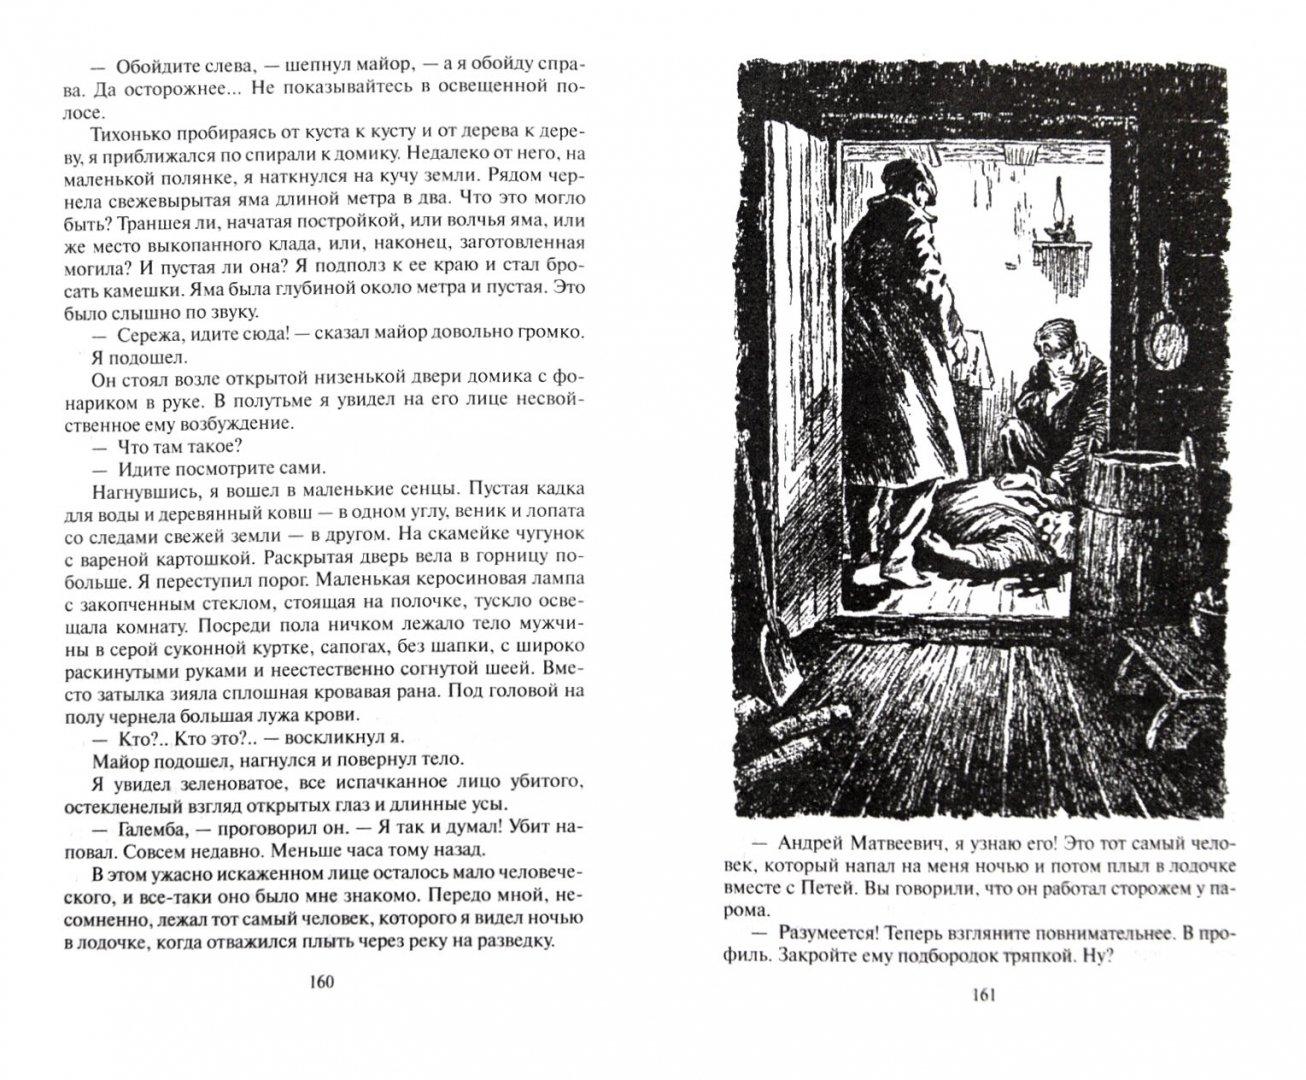 Иллюстрация 1 из 22 для Серая скала; Тайна профессора Макшеева - Николай Автократов | Лабиринт - книги. Источник: Лабиринт